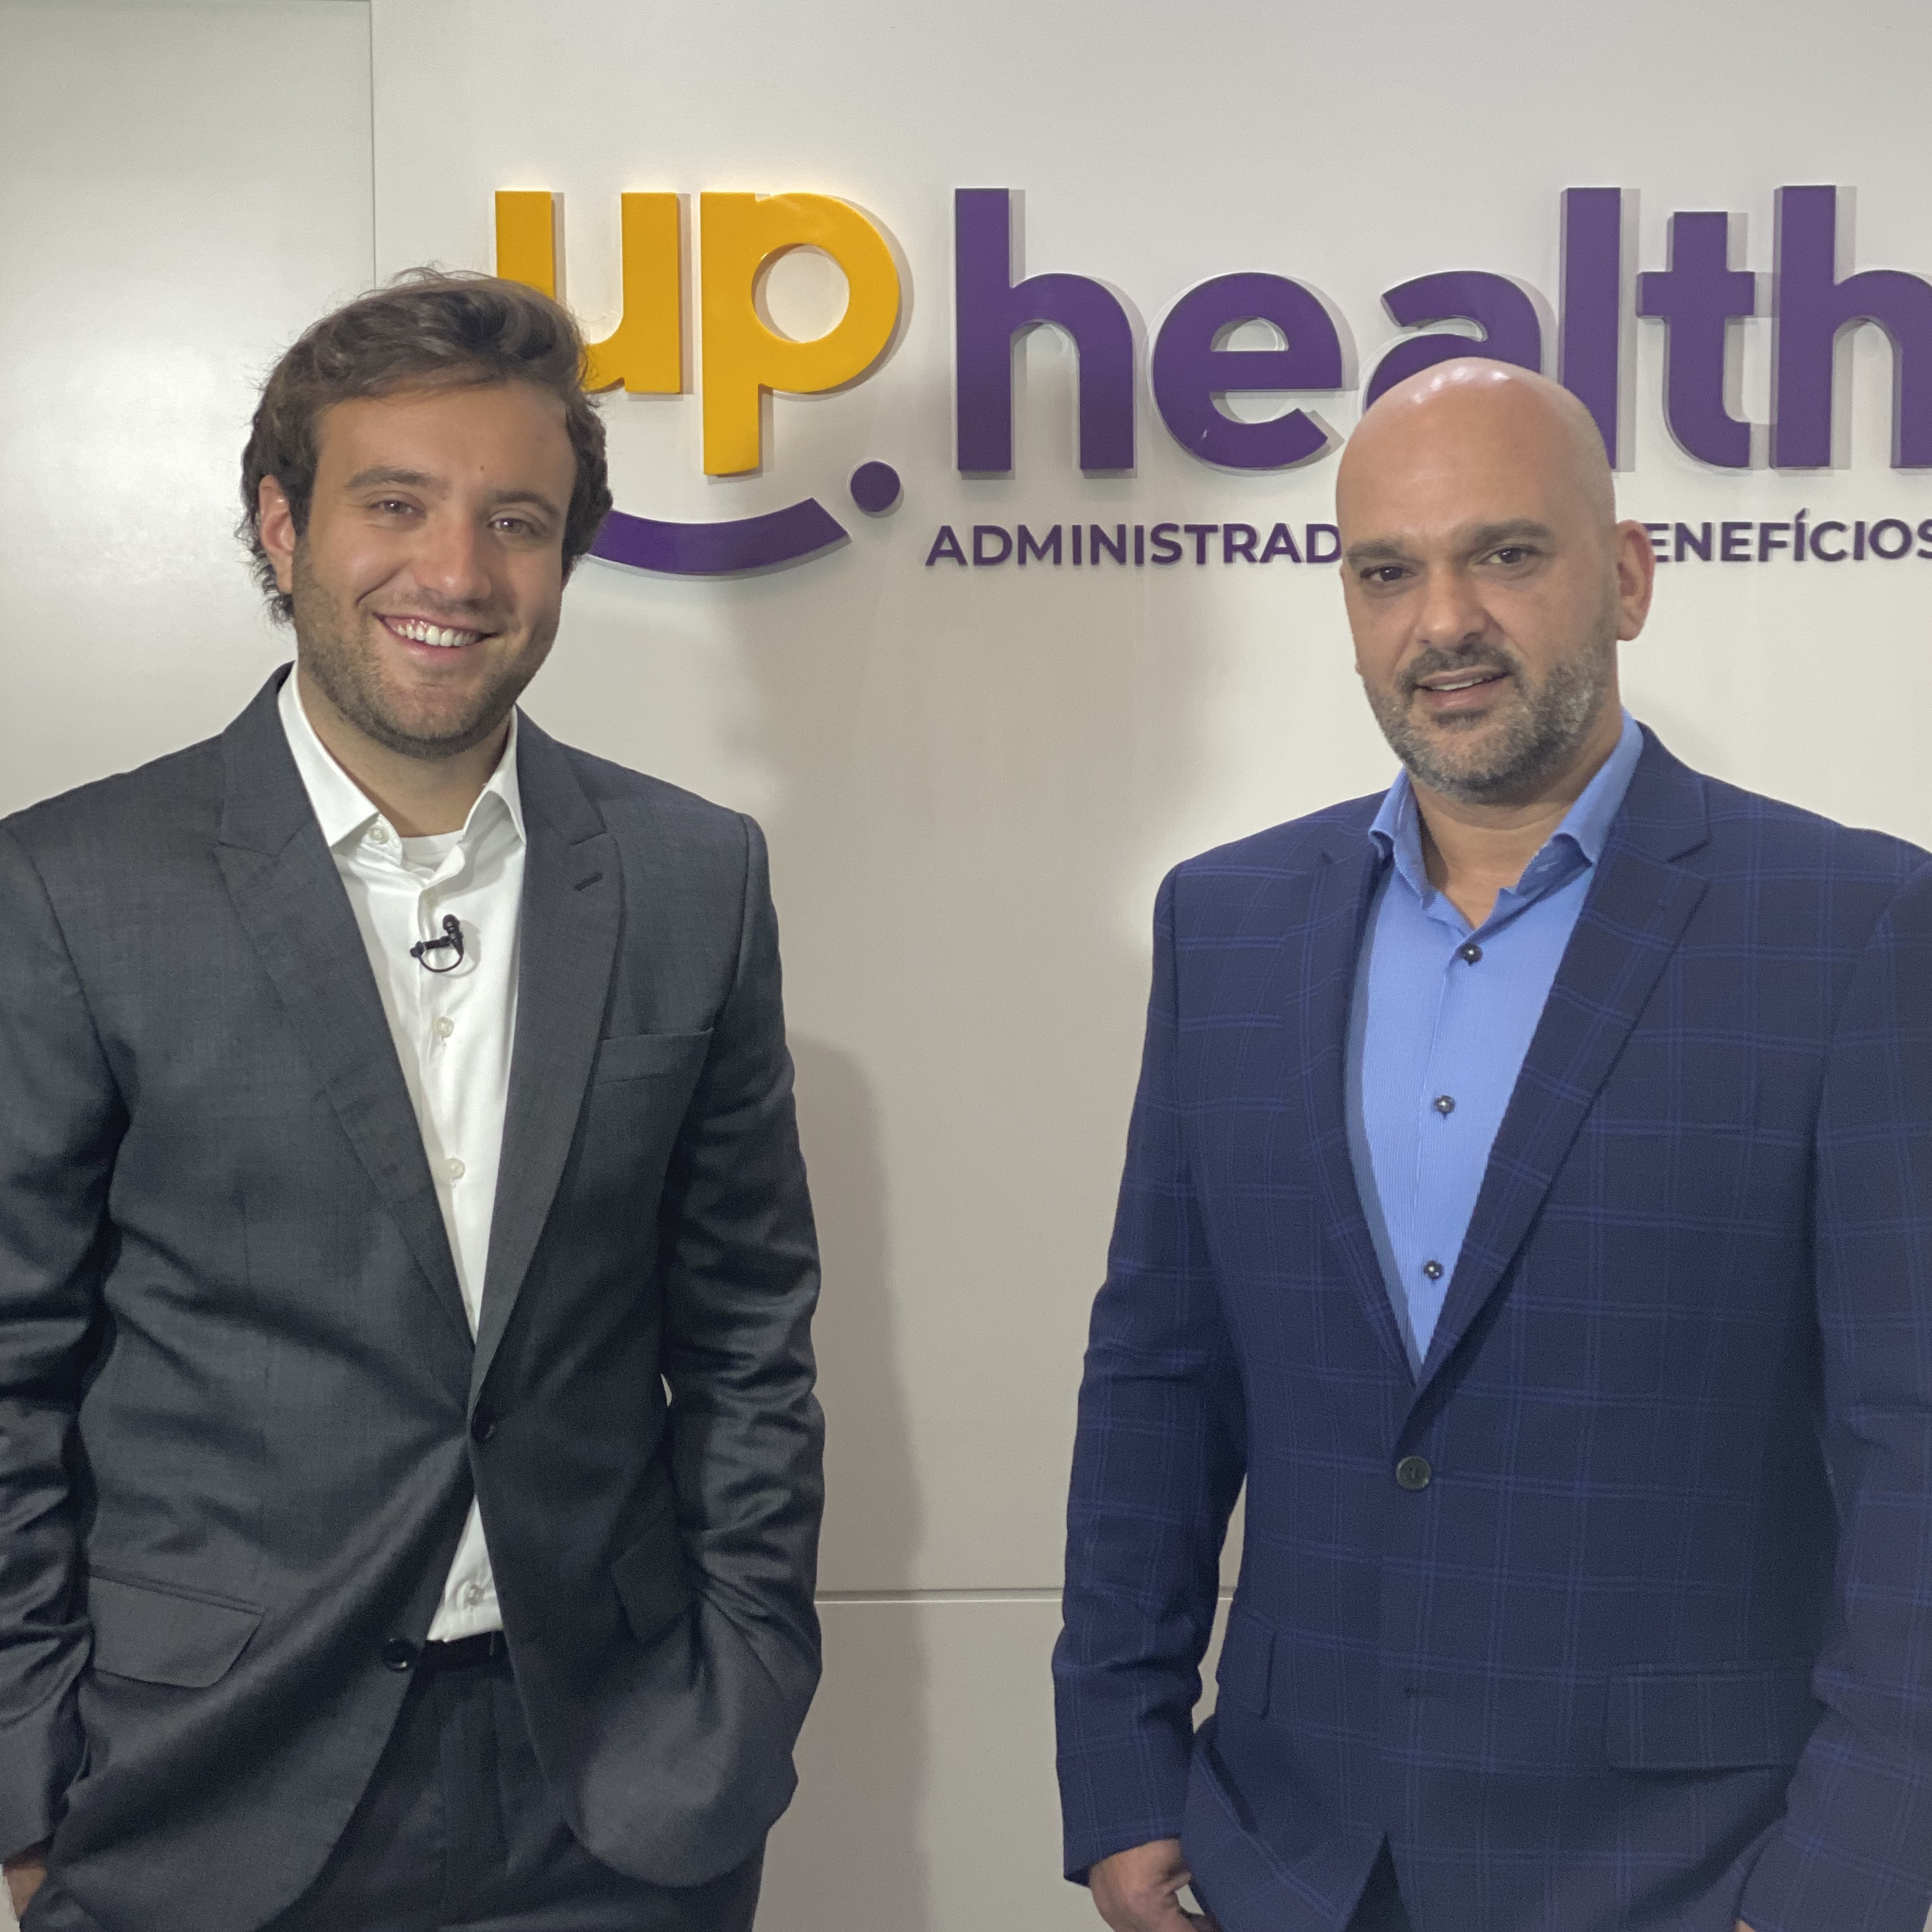 Empresários do setor de saúde fundam administradora de benefícios UpHealth